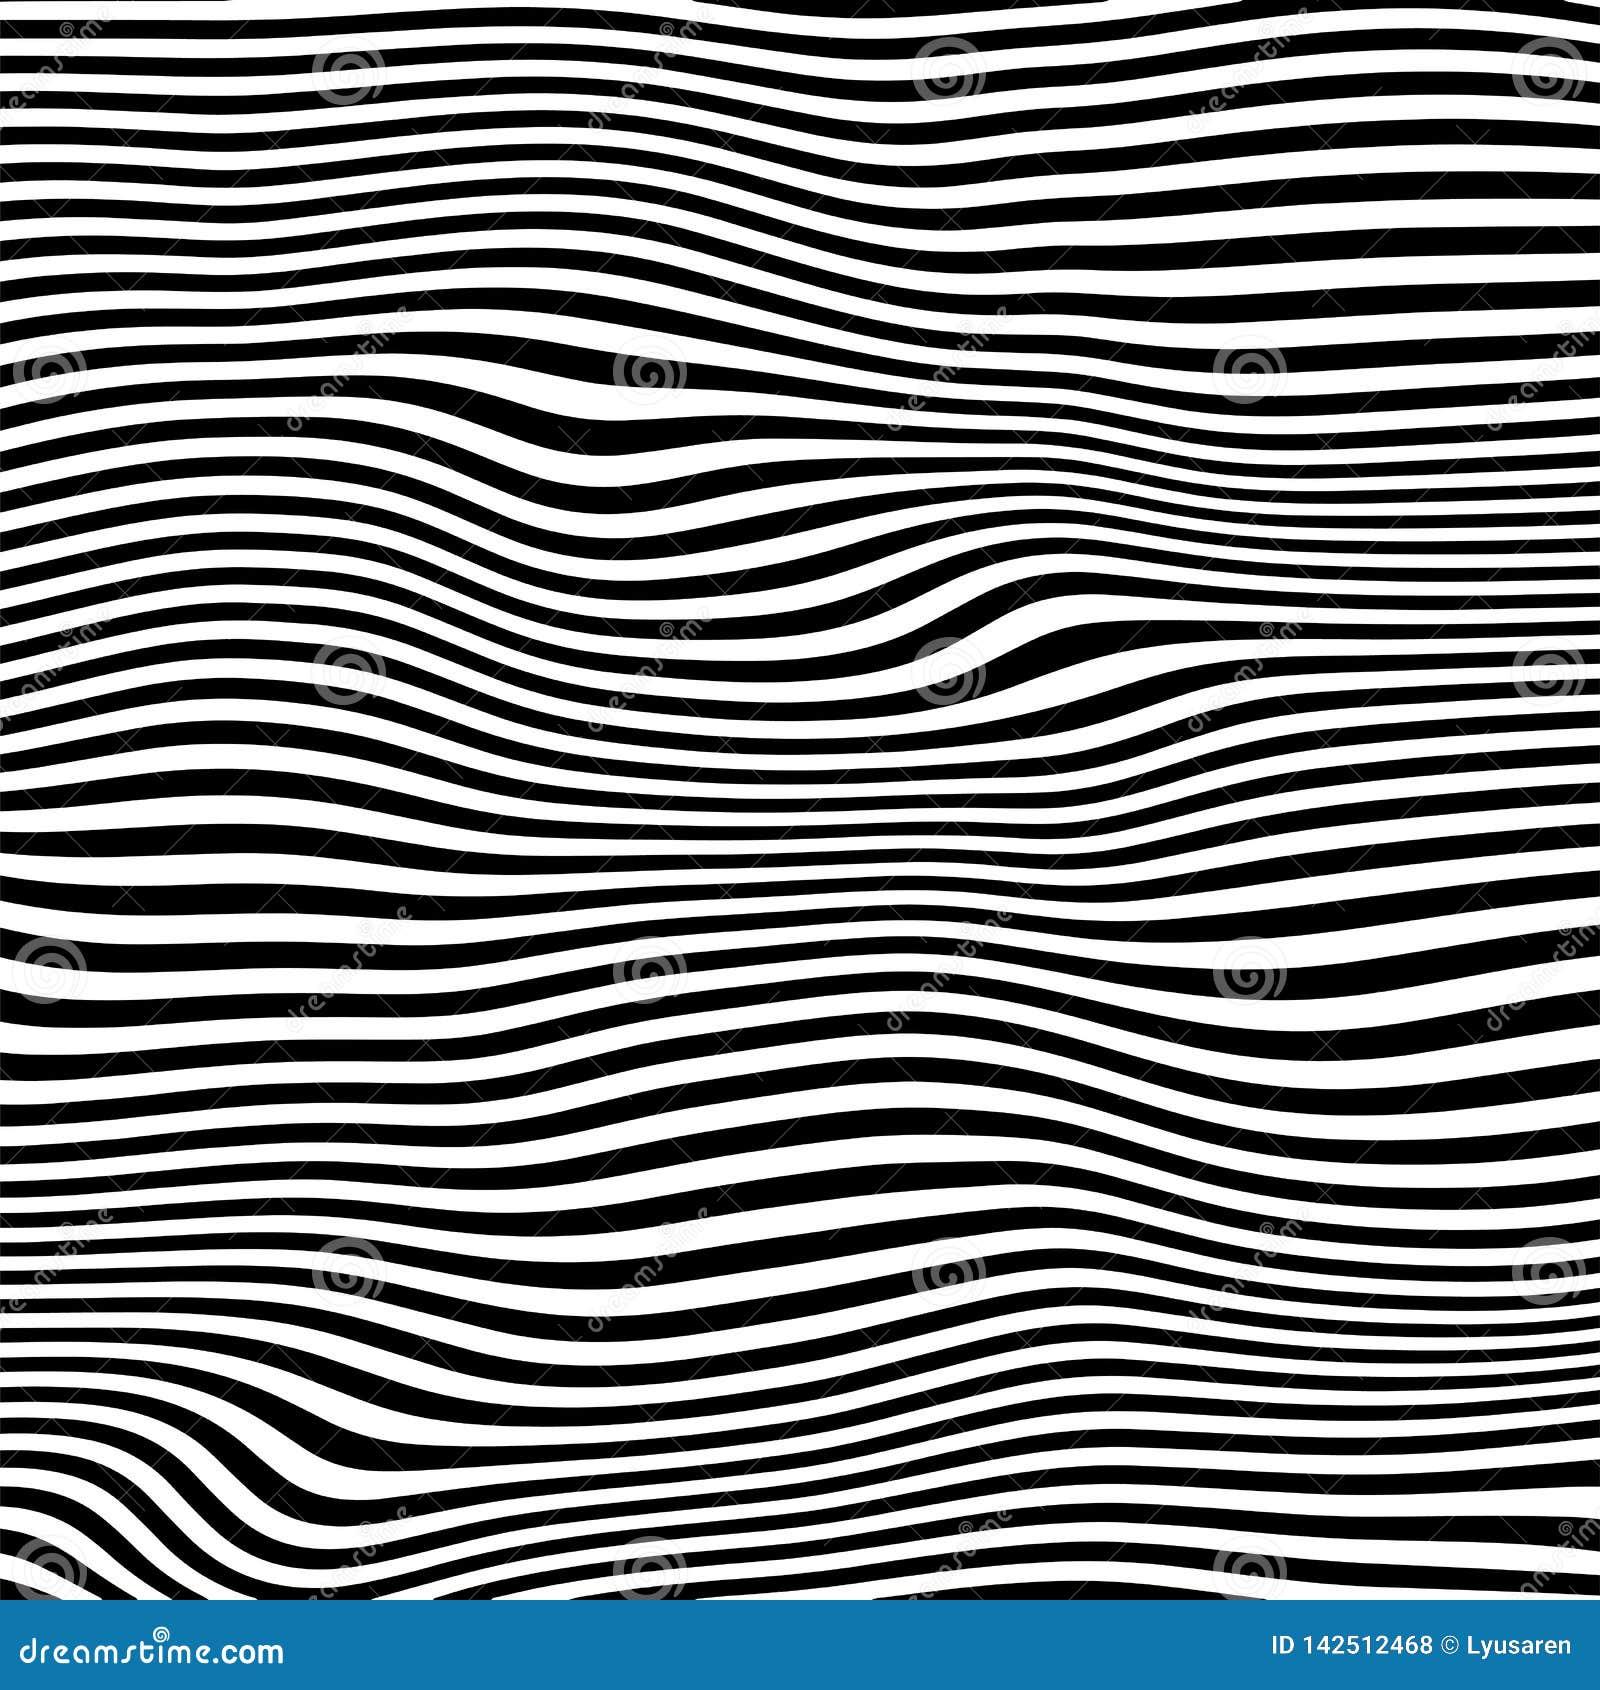 Modelo geométrico abstracto con efecto visual de la distorsión